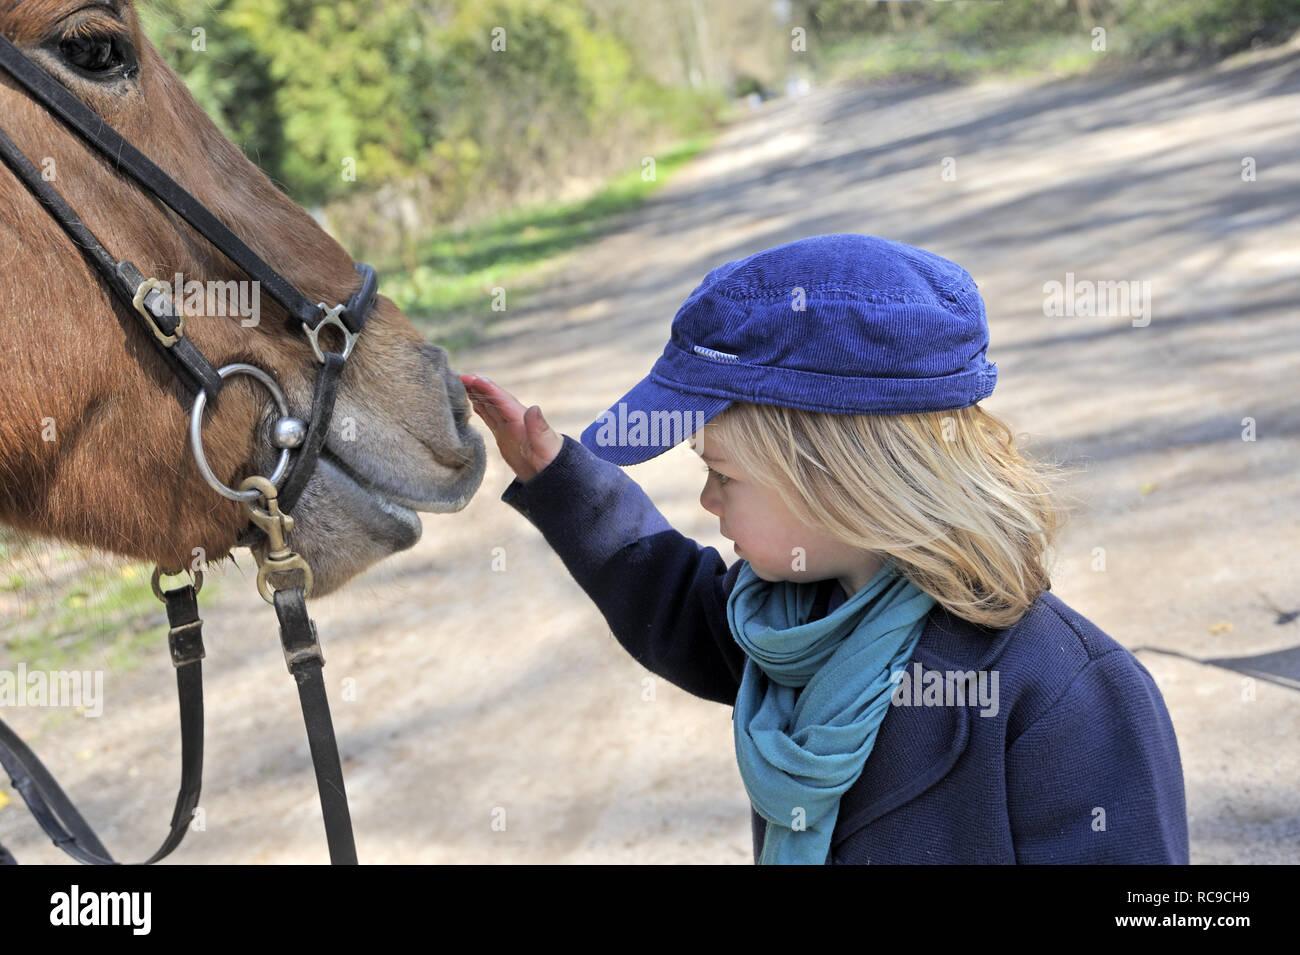 kleines Kind streichelt Pferd, 2 Jahre alt | little child strokes horse, 2 years old Stock Photo